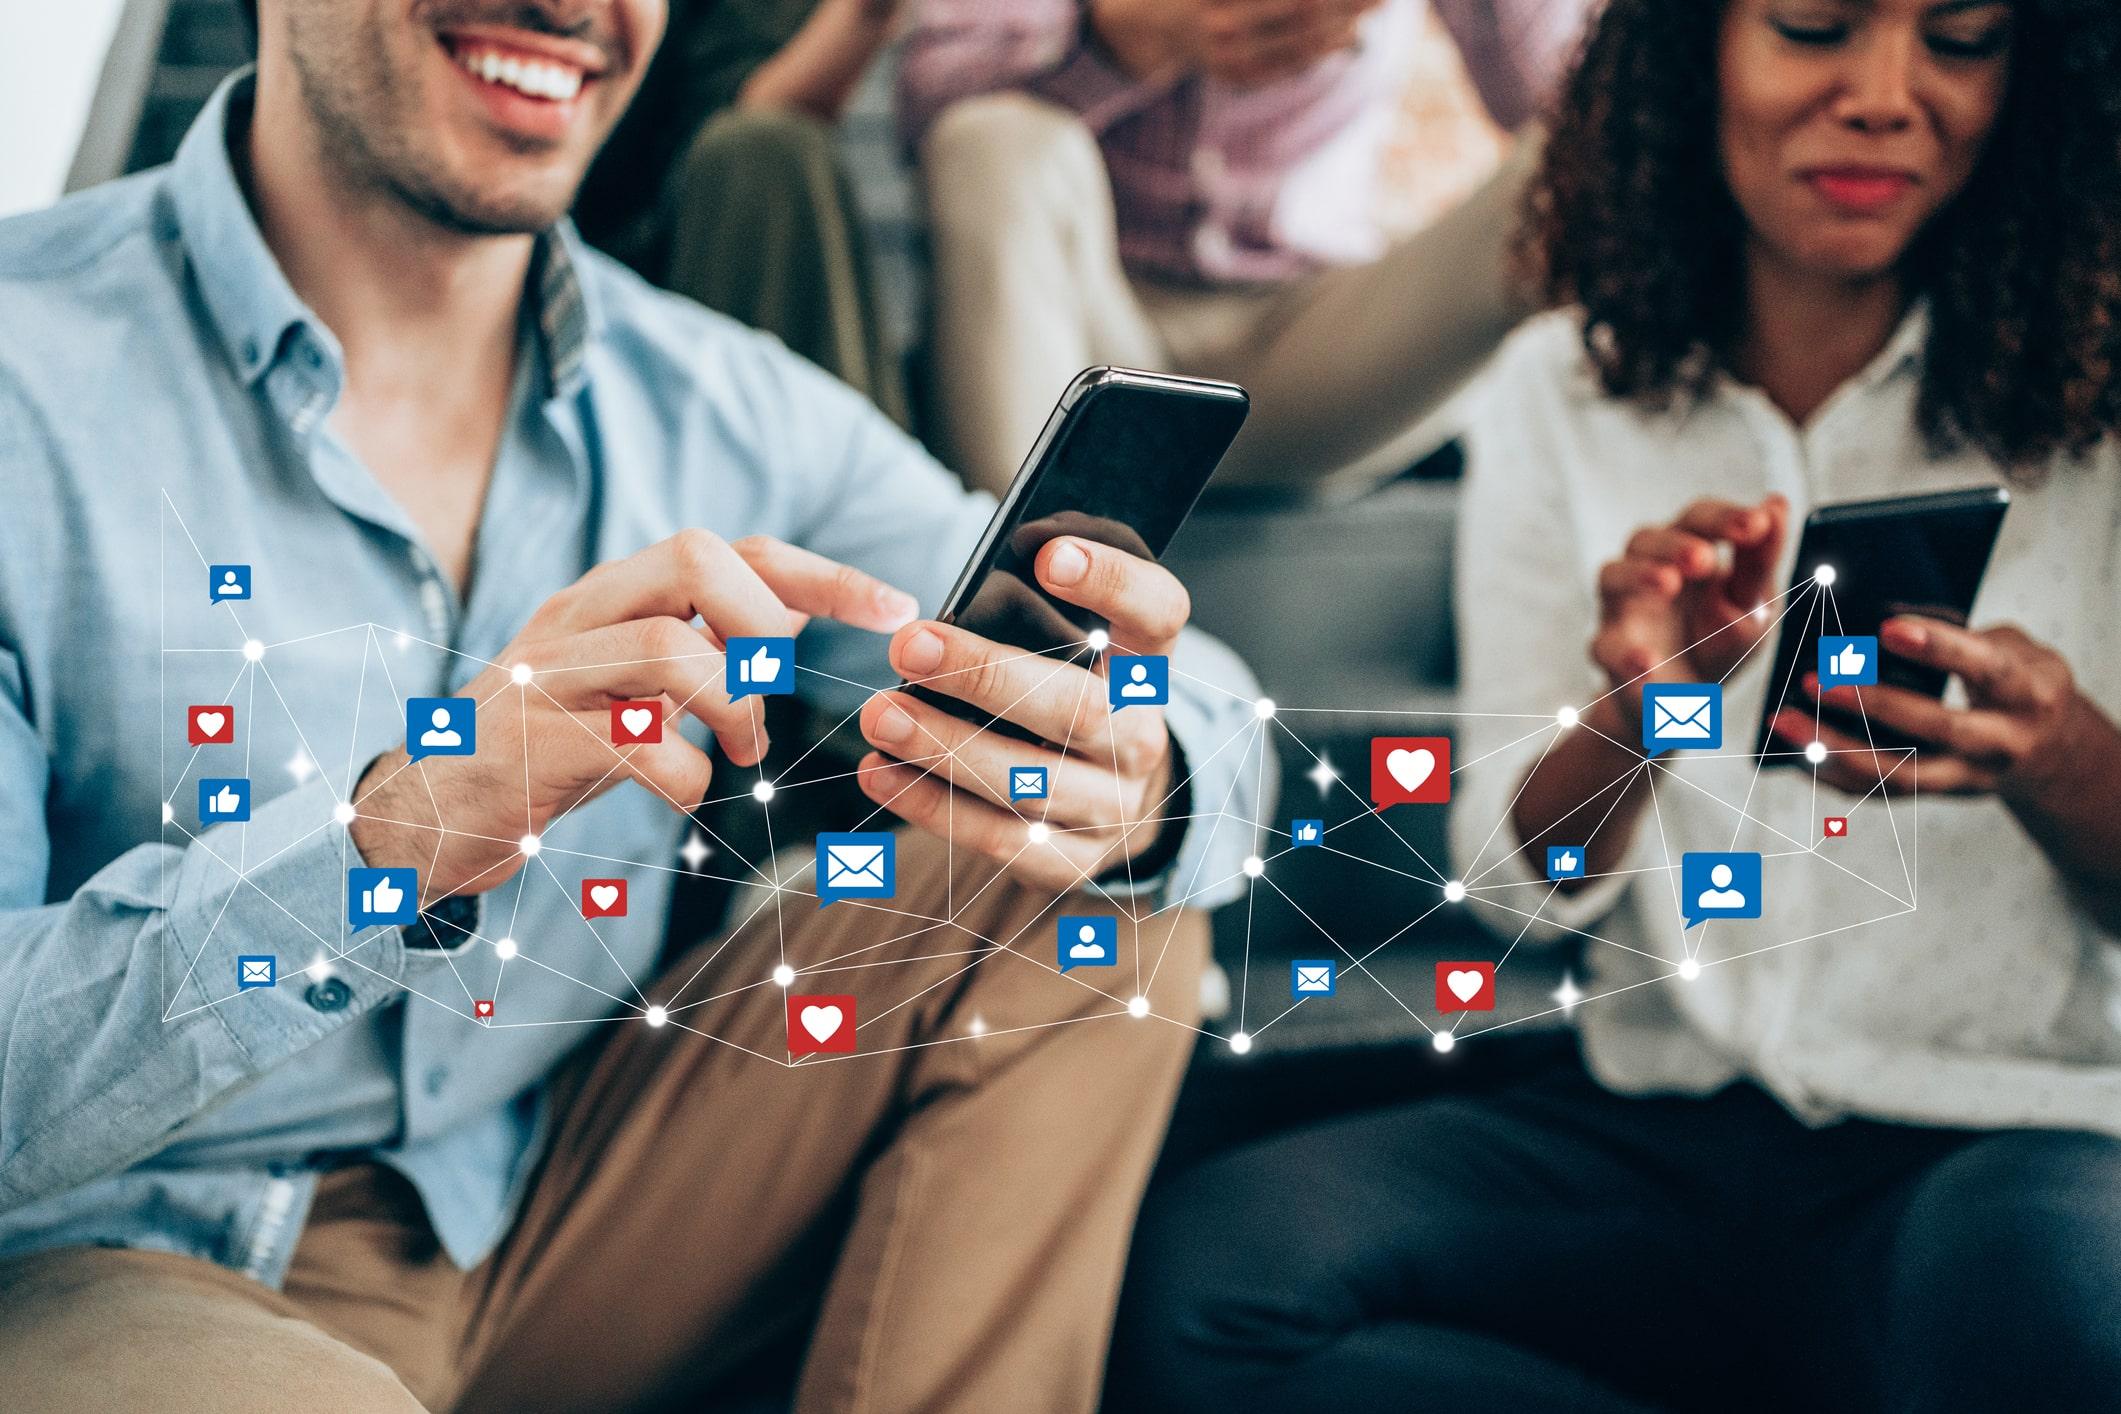 Alternativas a las redes sociales que todos conocemos